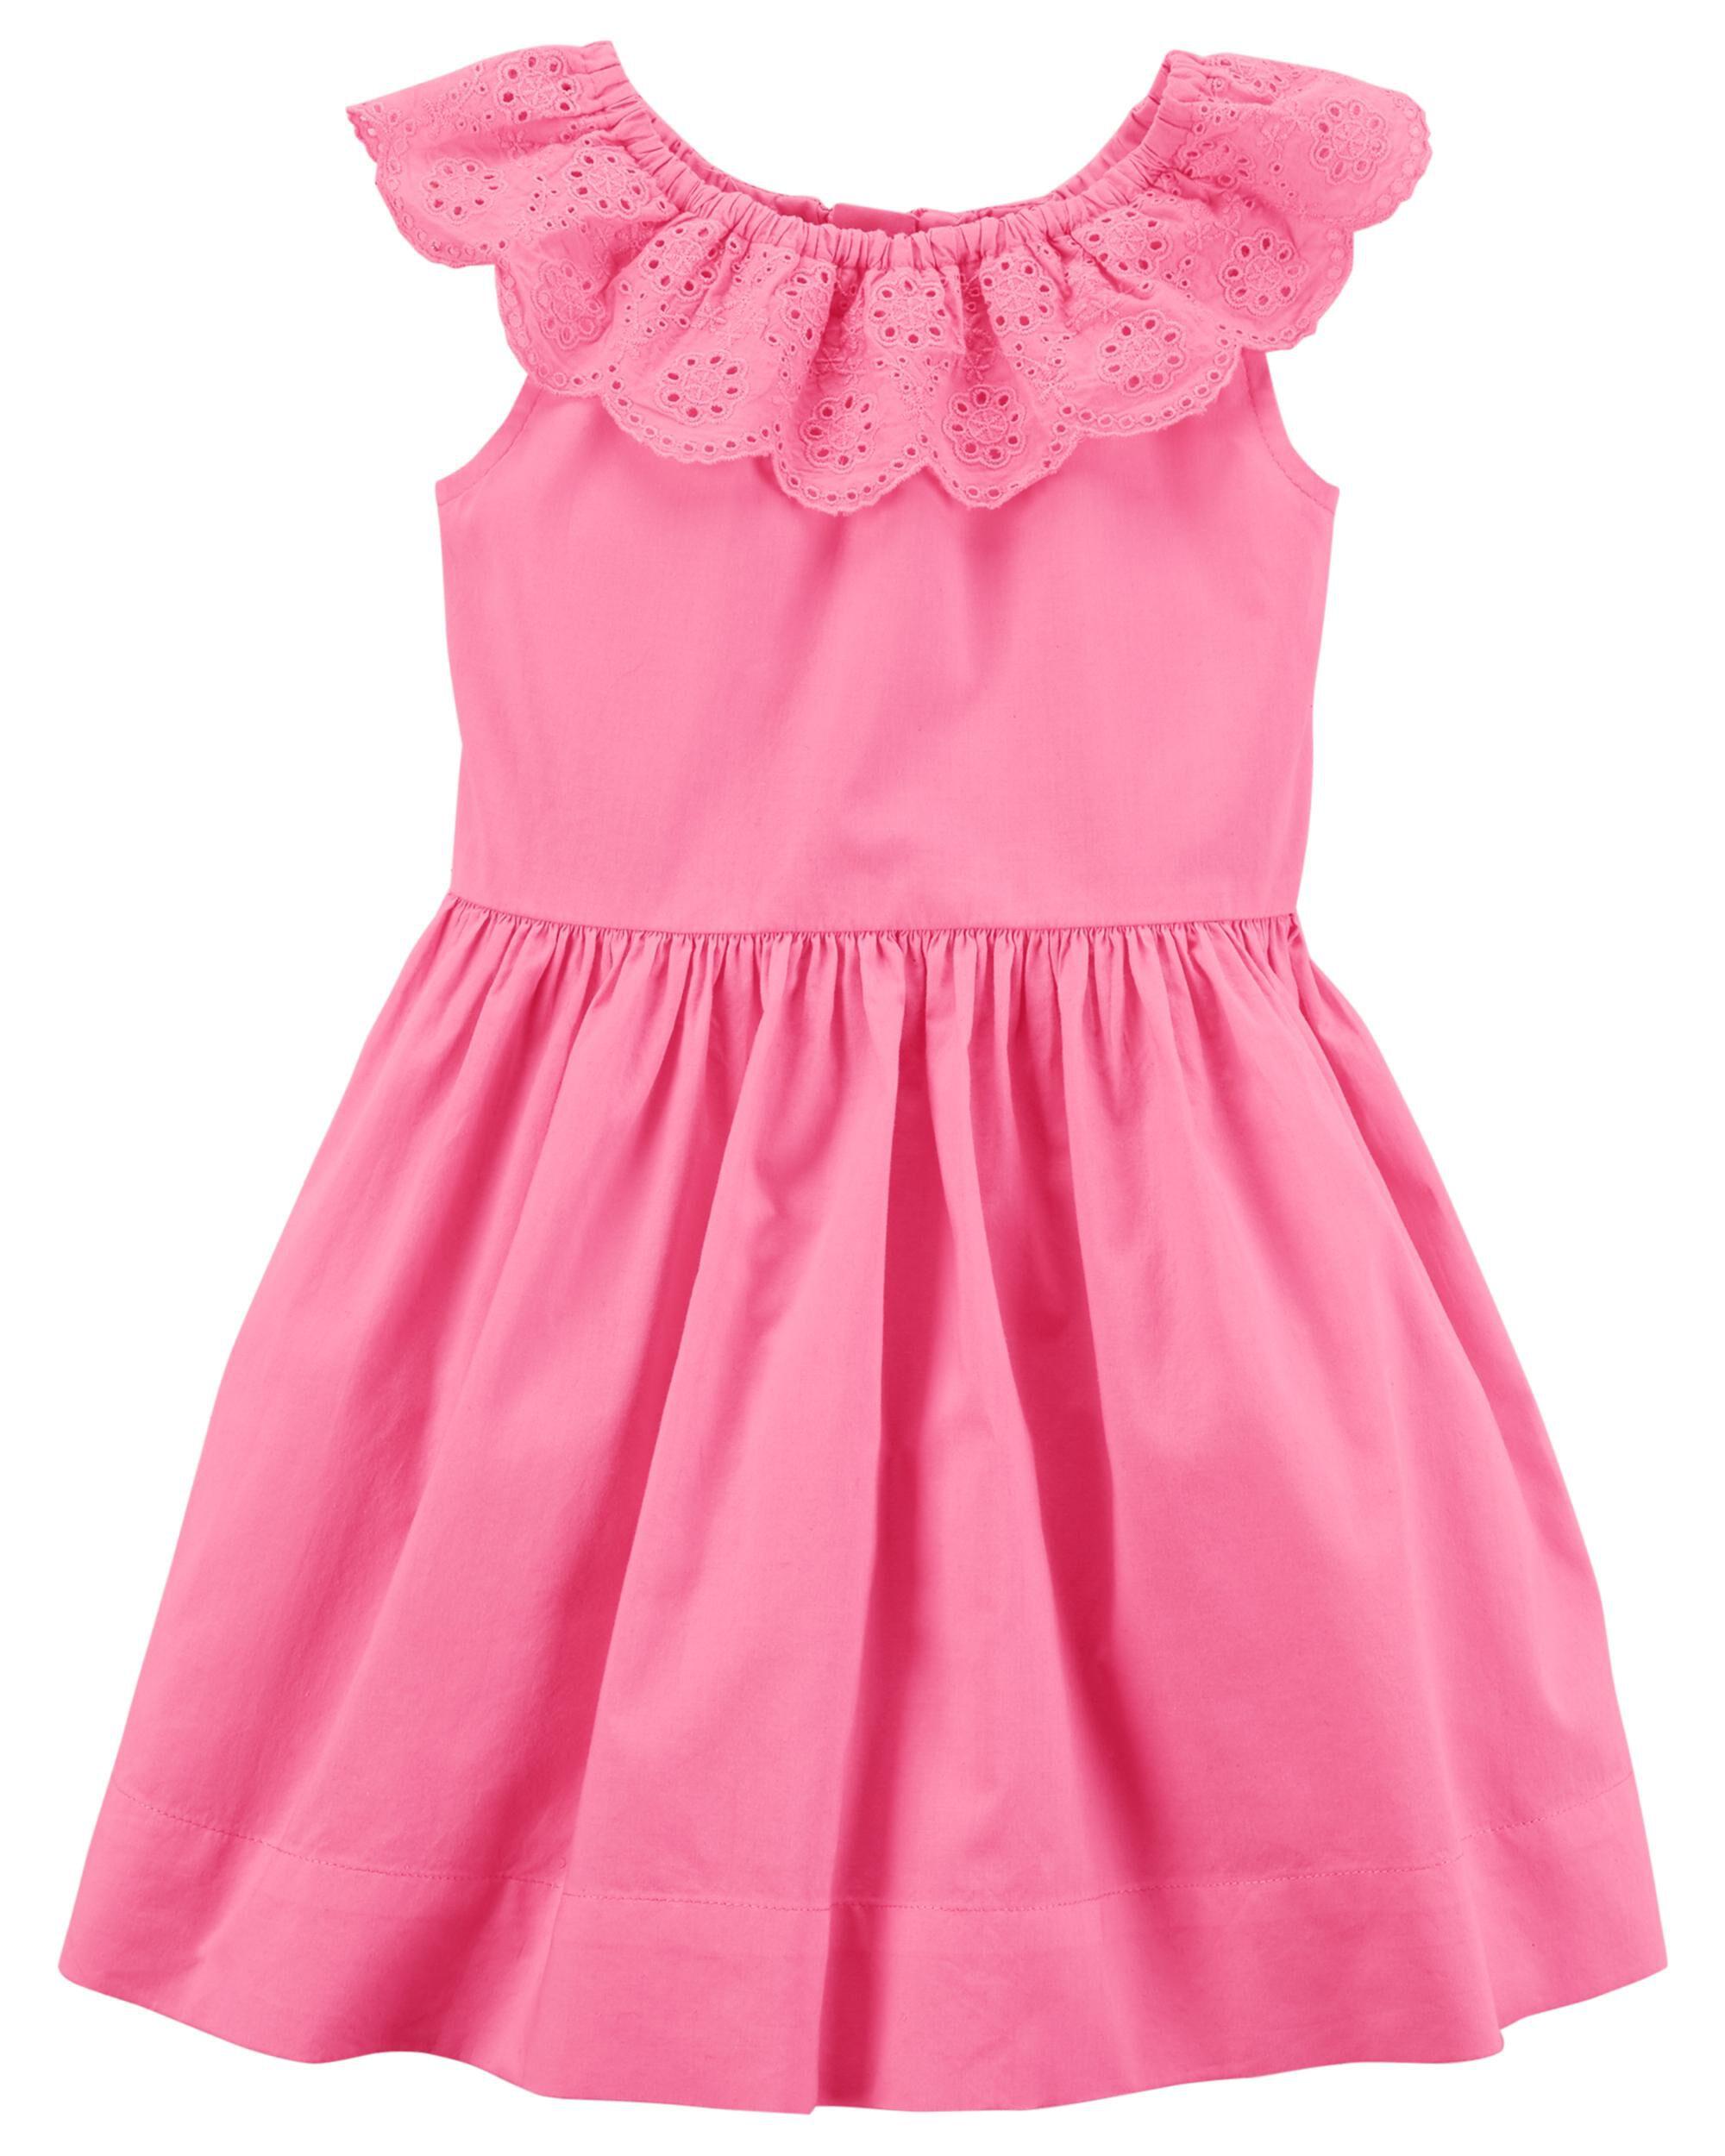 Carters summer dress